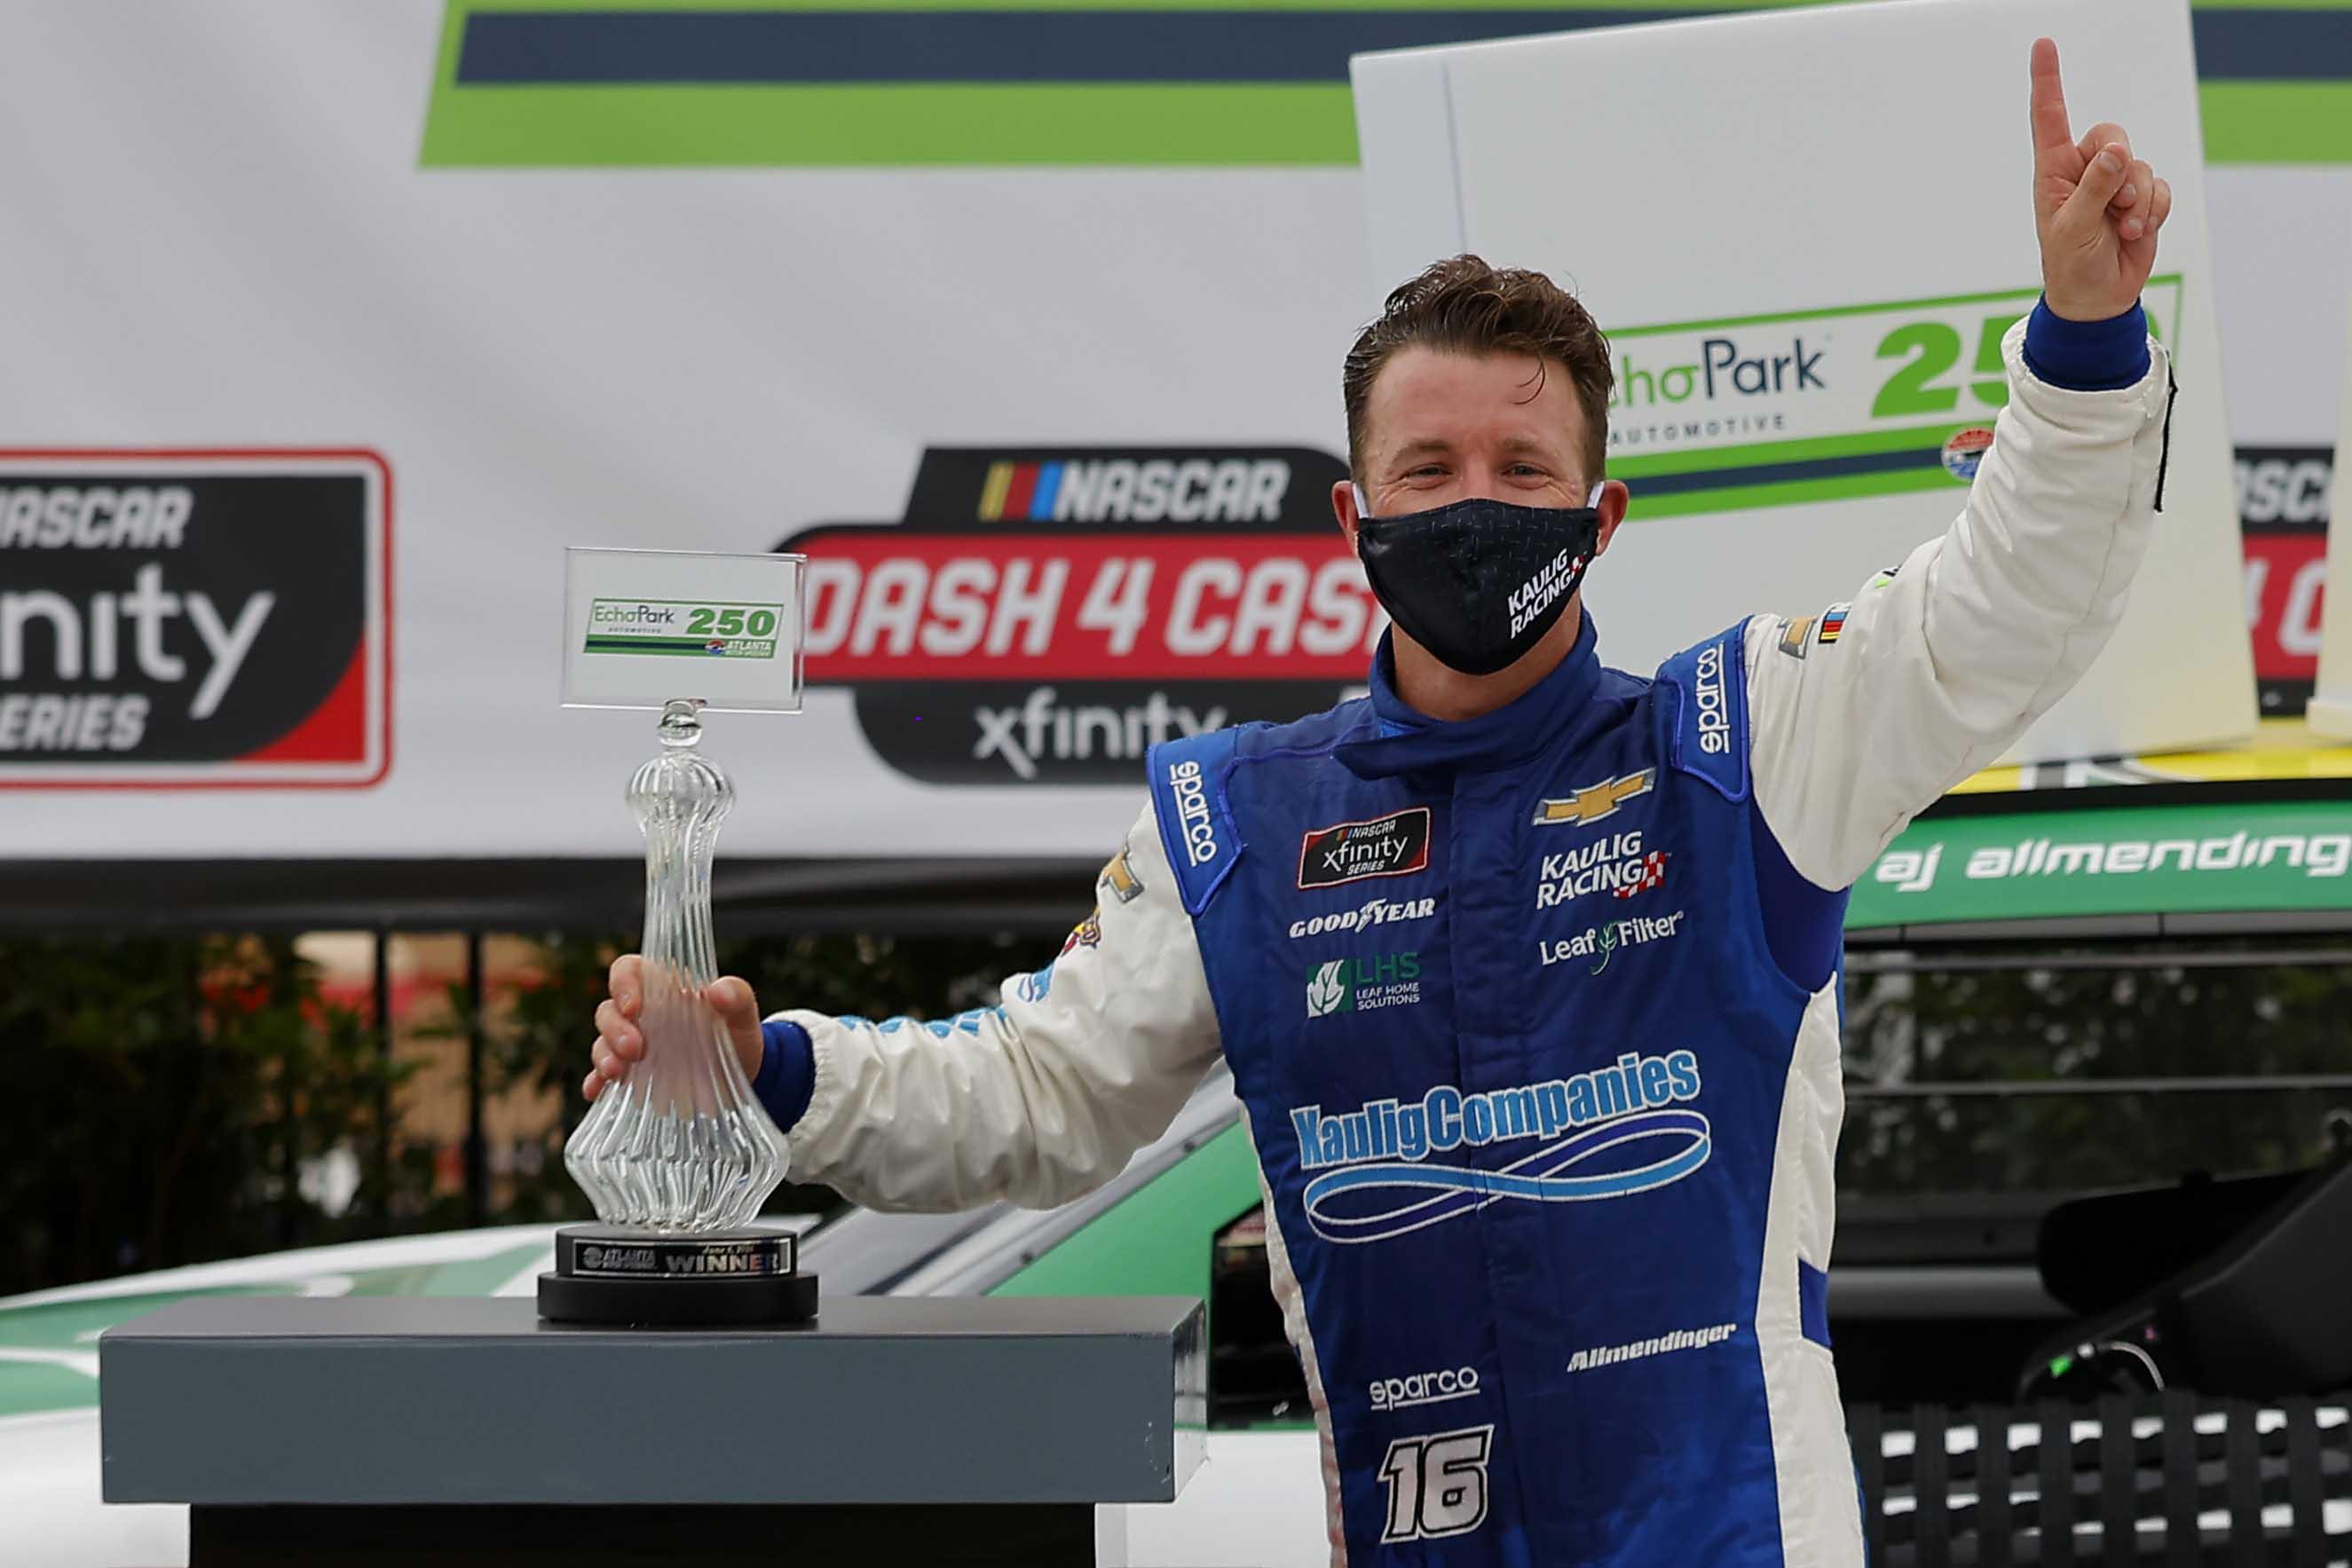 AJ Allmendinger in victory lane at Atlanta Motor Speedway - NASCAR Xfinity Series